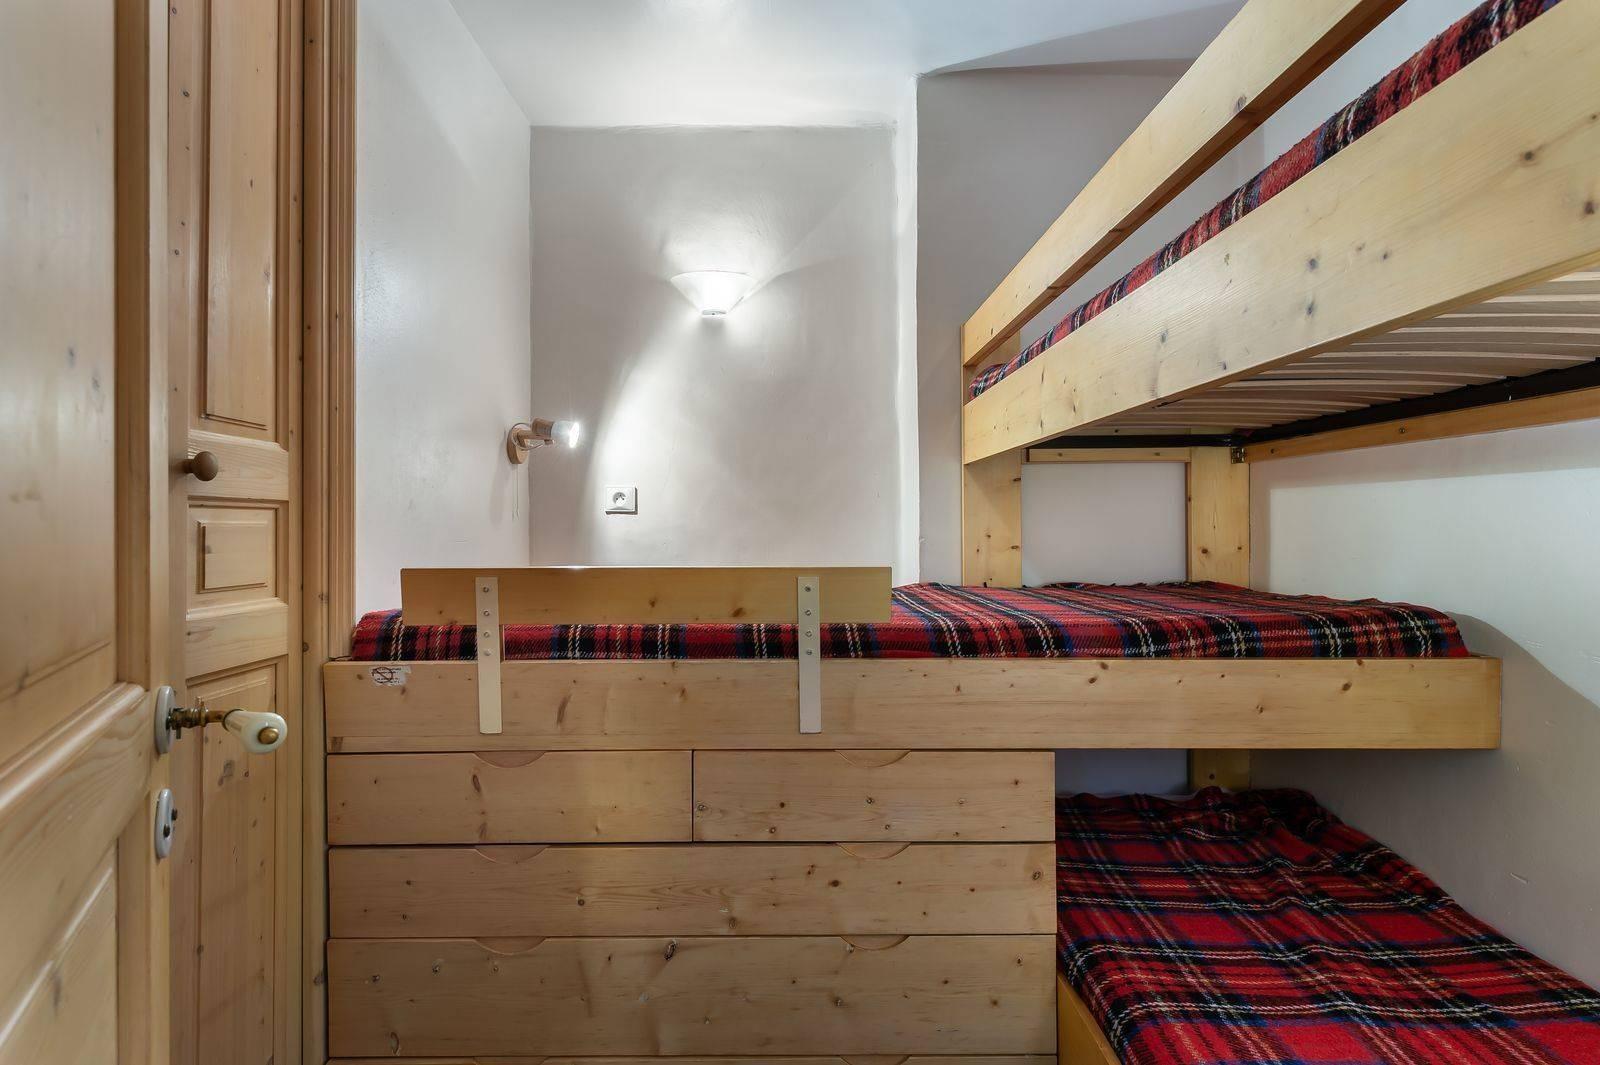 Courchevel 1850 Location Appartement Luxe Cetonite Chambre 2